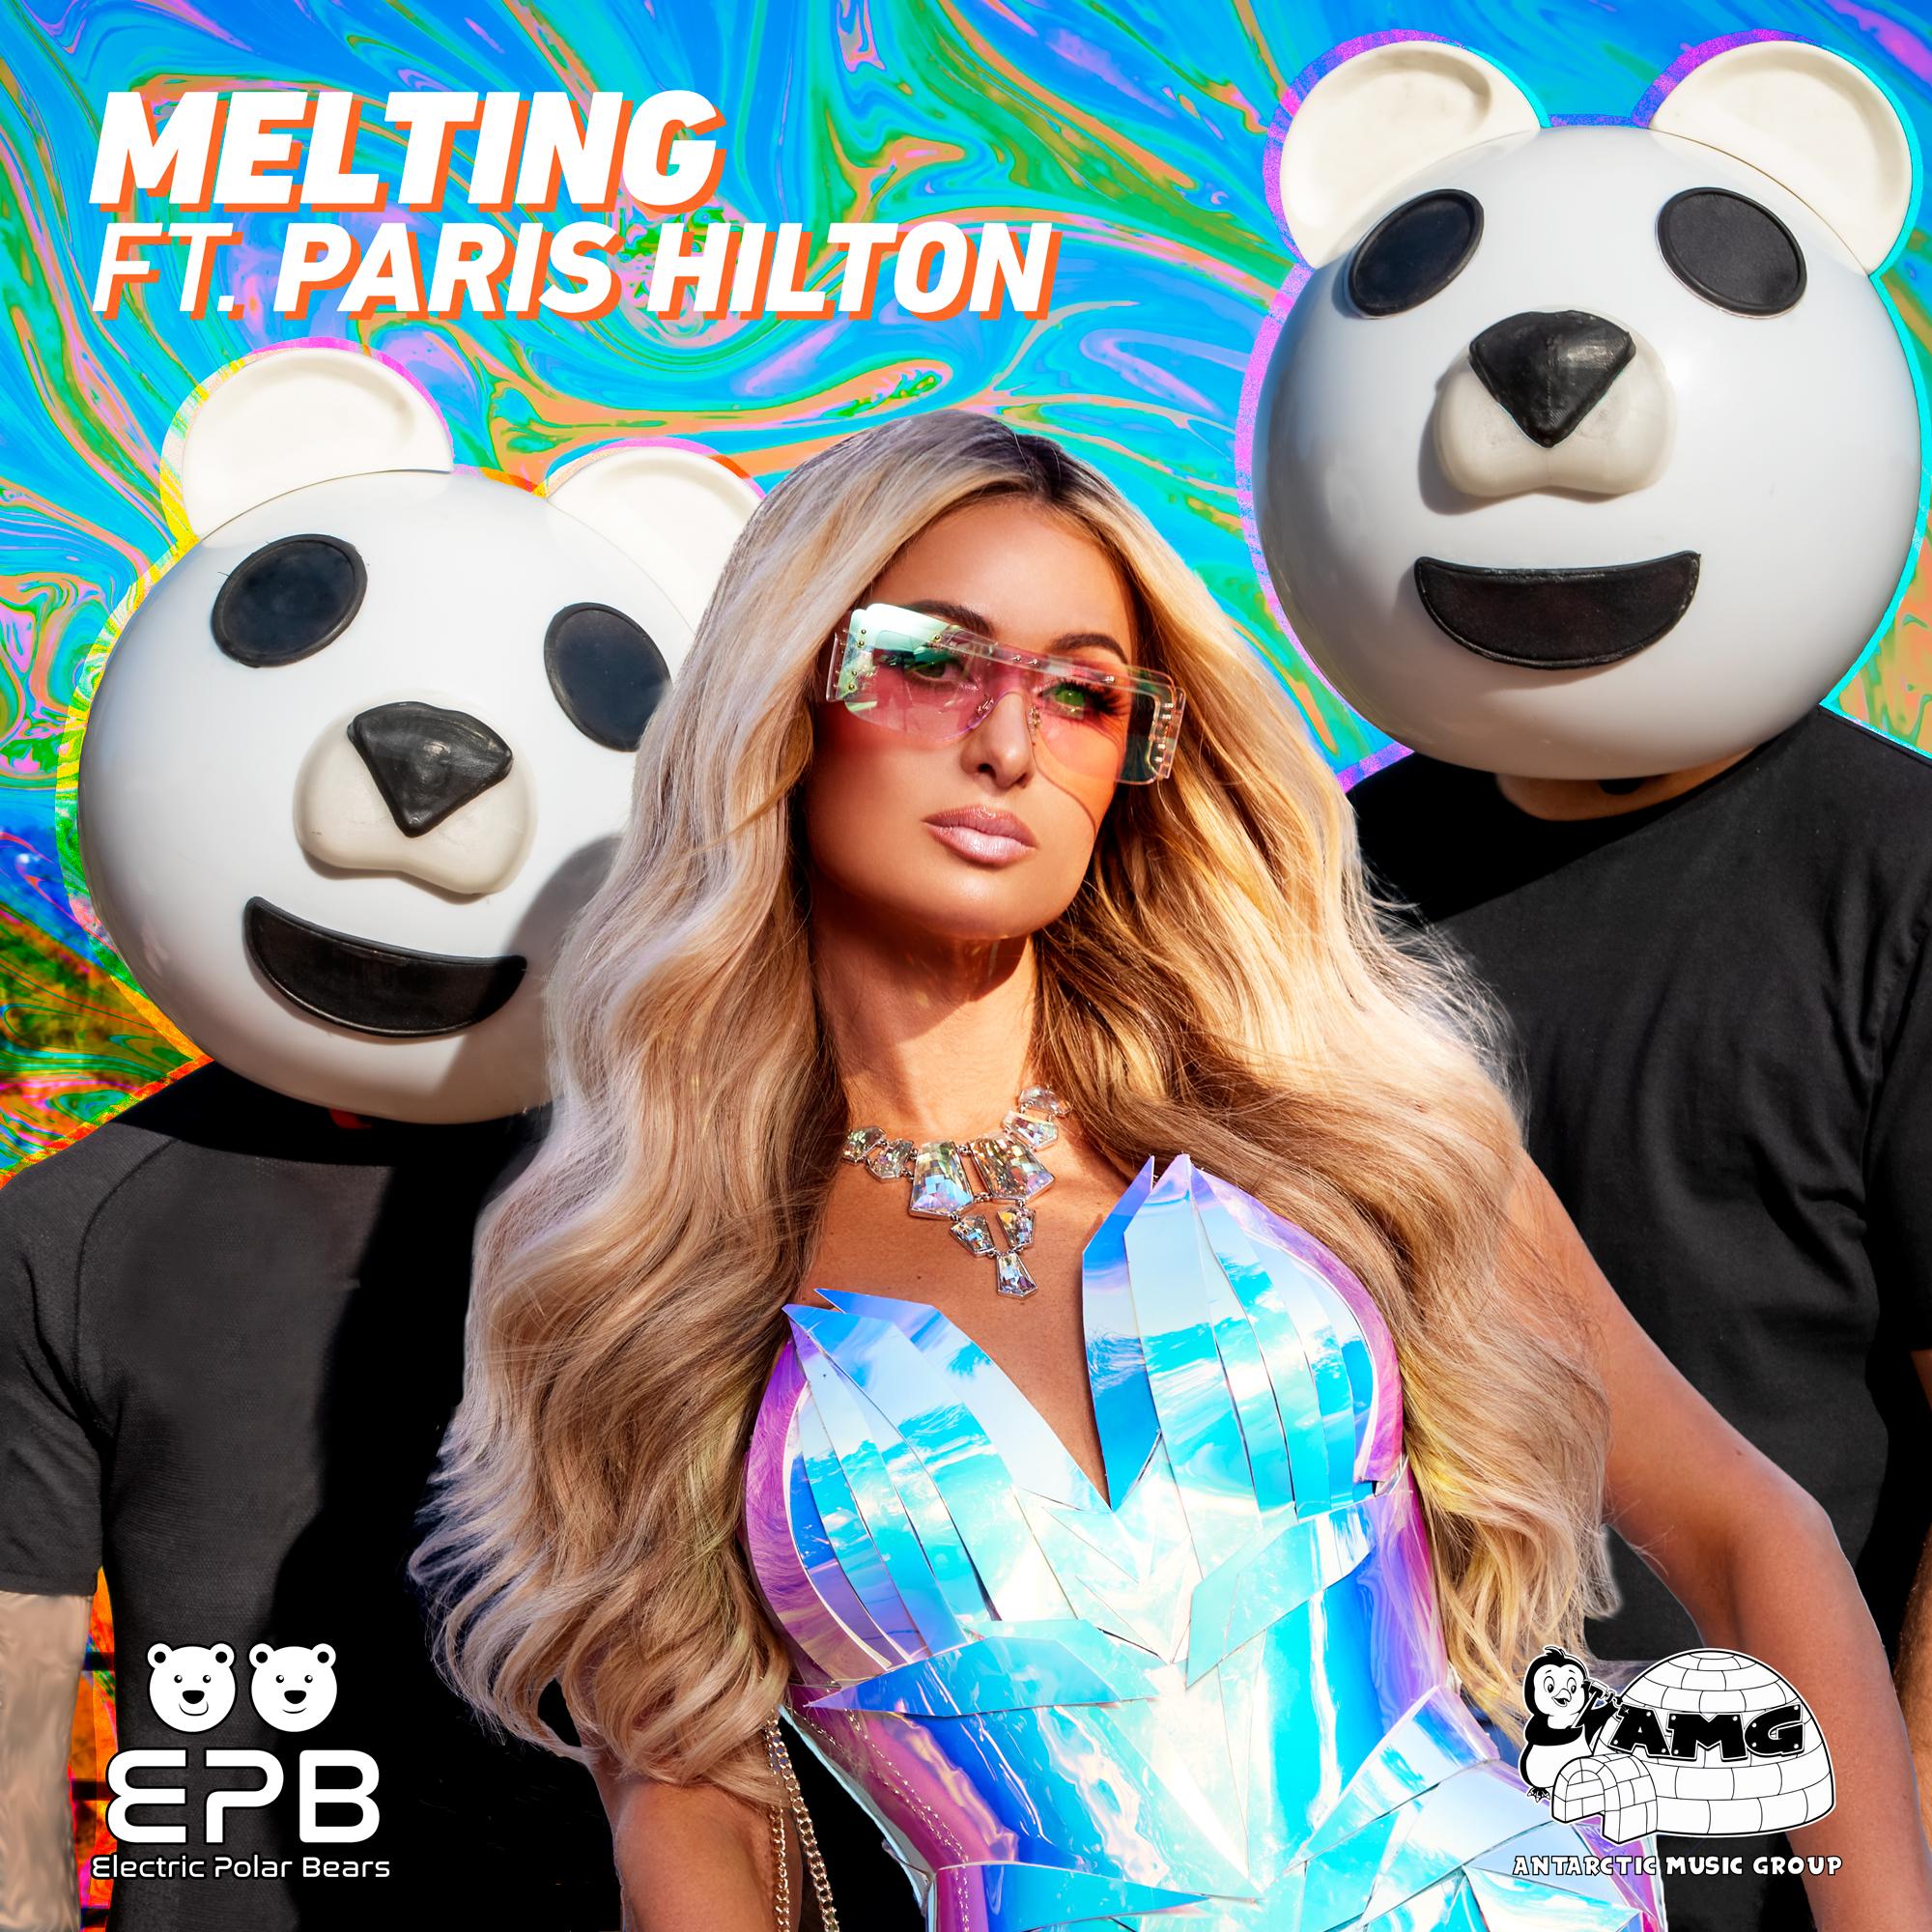 Melting (feat. Paris Hilton) Image